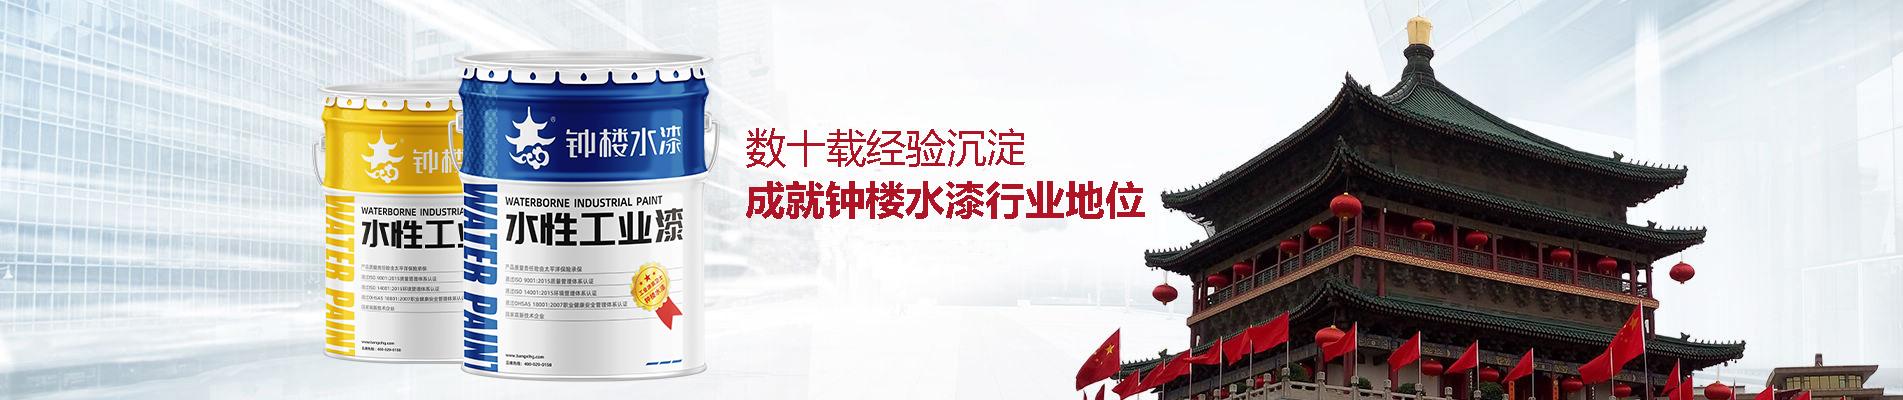 钟楼水漆【官网】西安yabo88亚博体育app漆|yabo88亚博体育app工业漆|真石漆|质感漆厂|陕西足球竞猜APP亚博漆